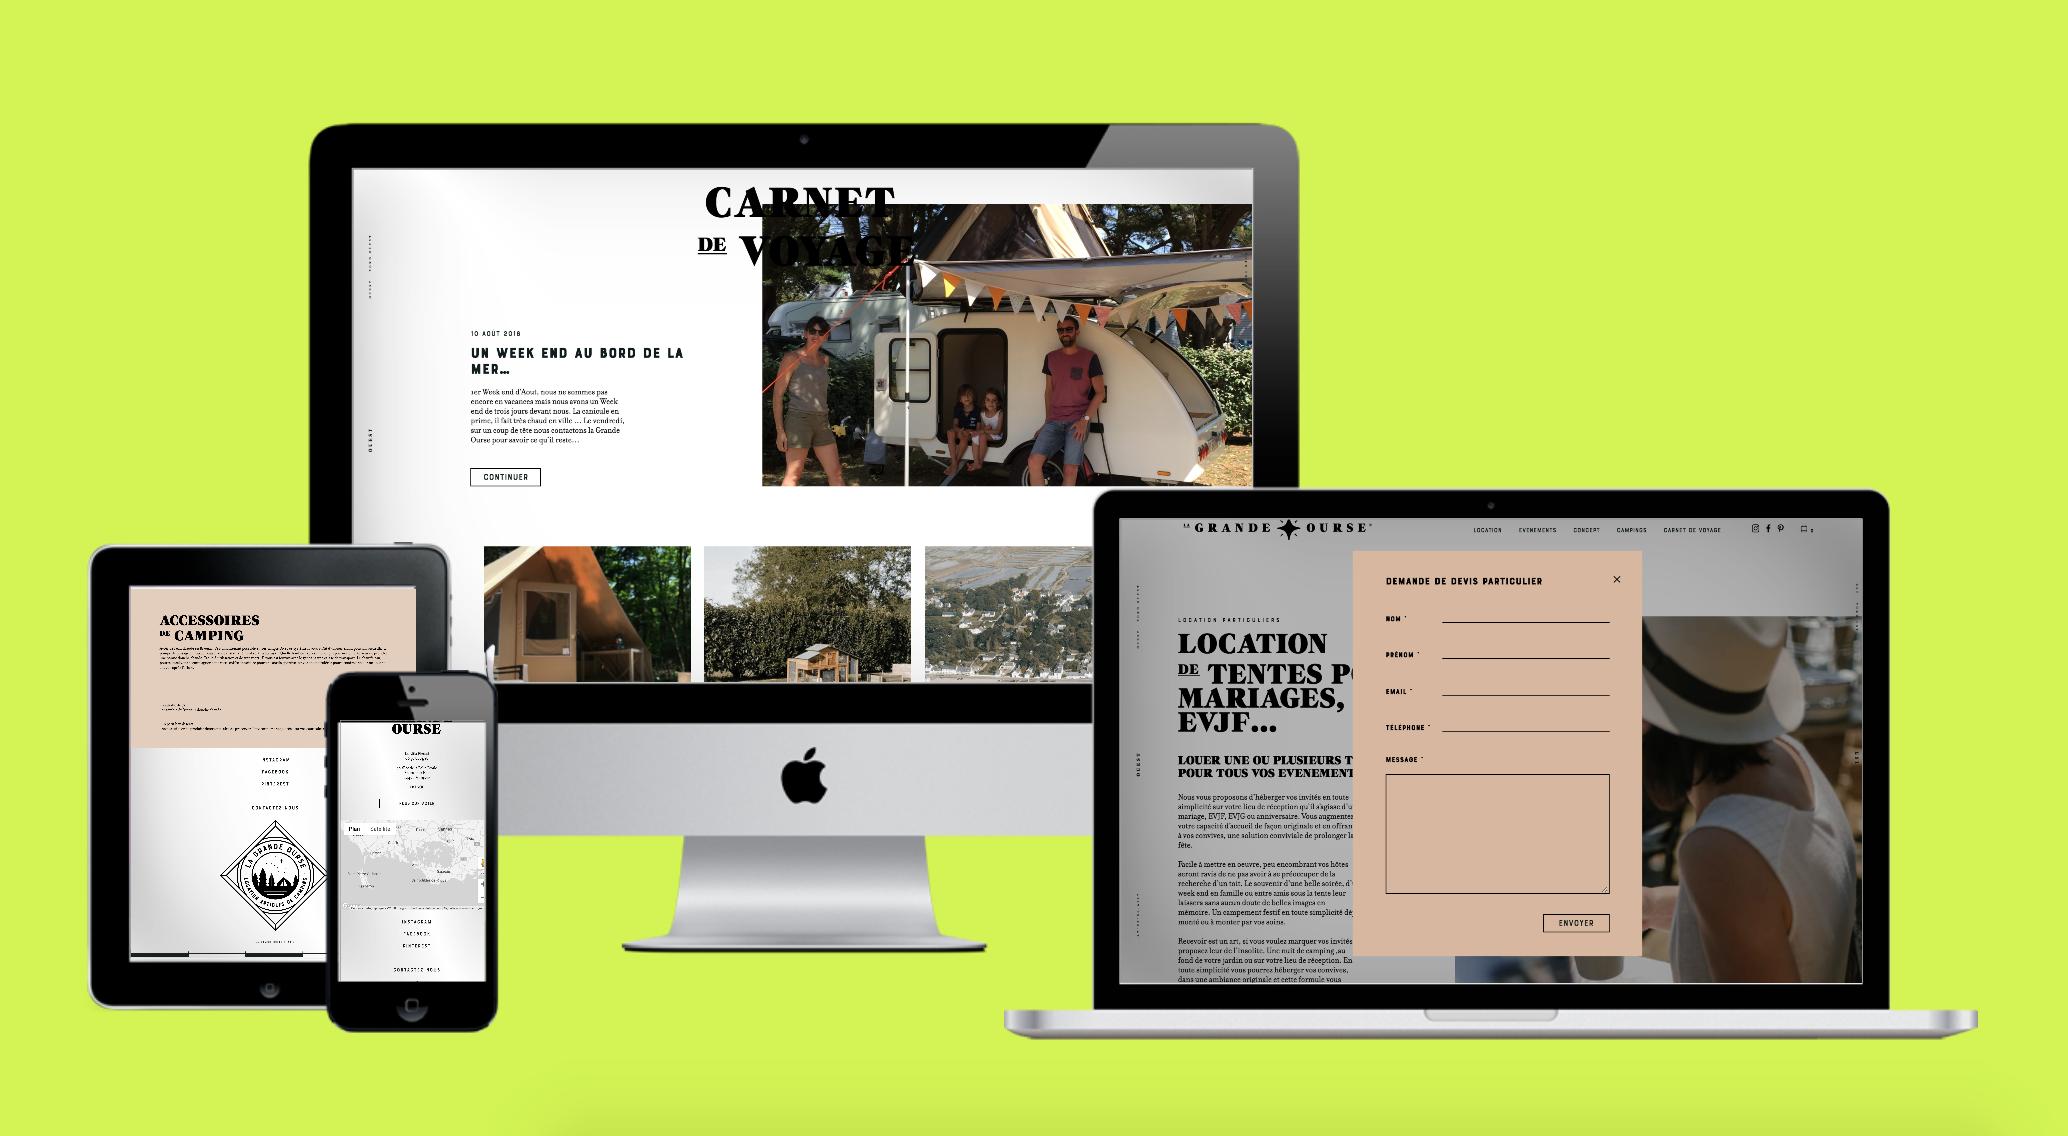 La Grande Ourse : Développement d'une plateforme de réservation de campings